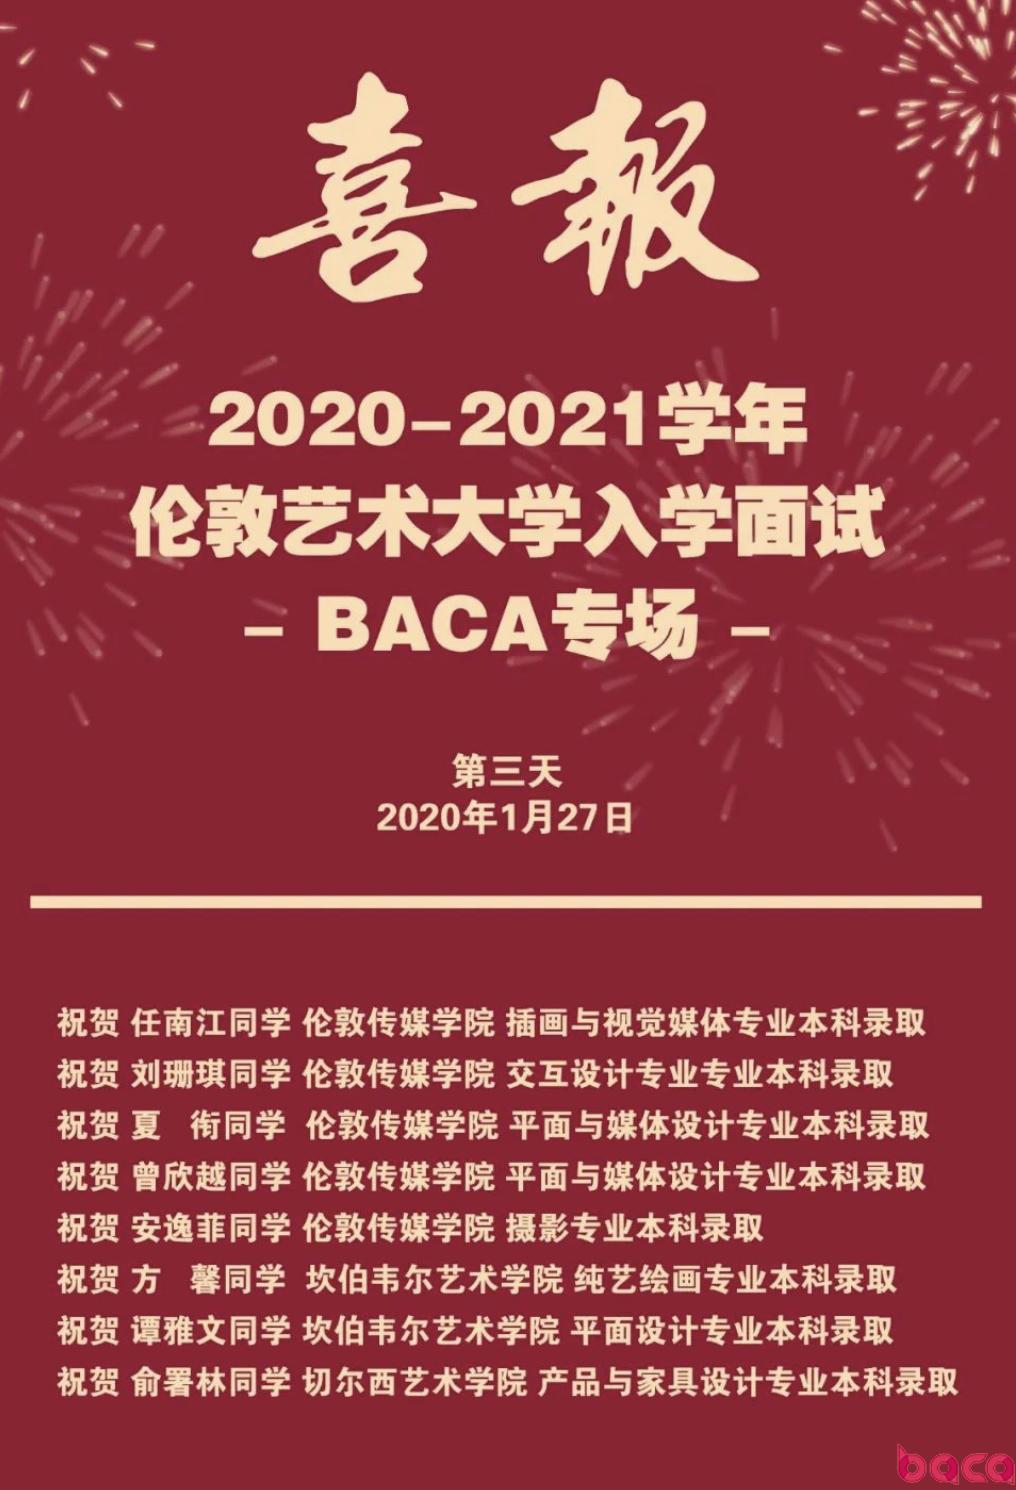 伦敦艺术大学BACA面试